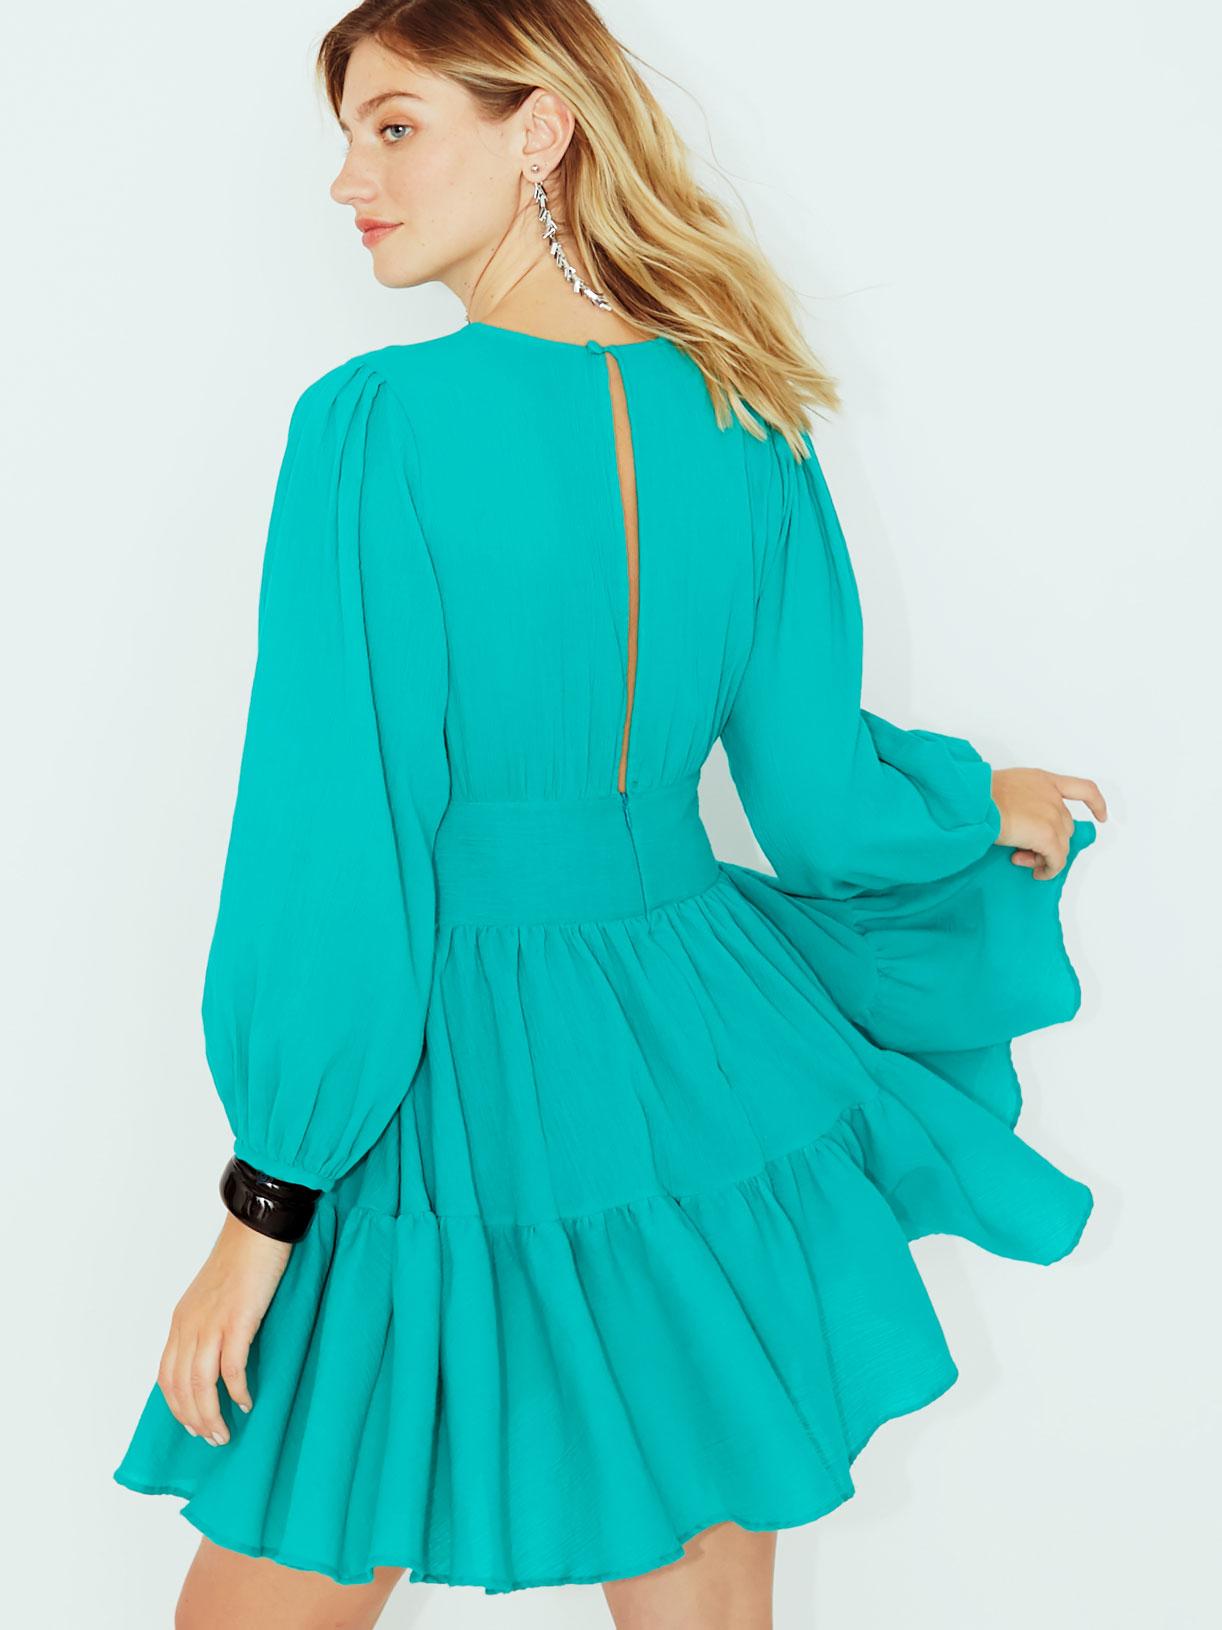 Robe turquoise vegan a volants pour  invitee mariage ou soiree ecoresponsable - Myphilosophy